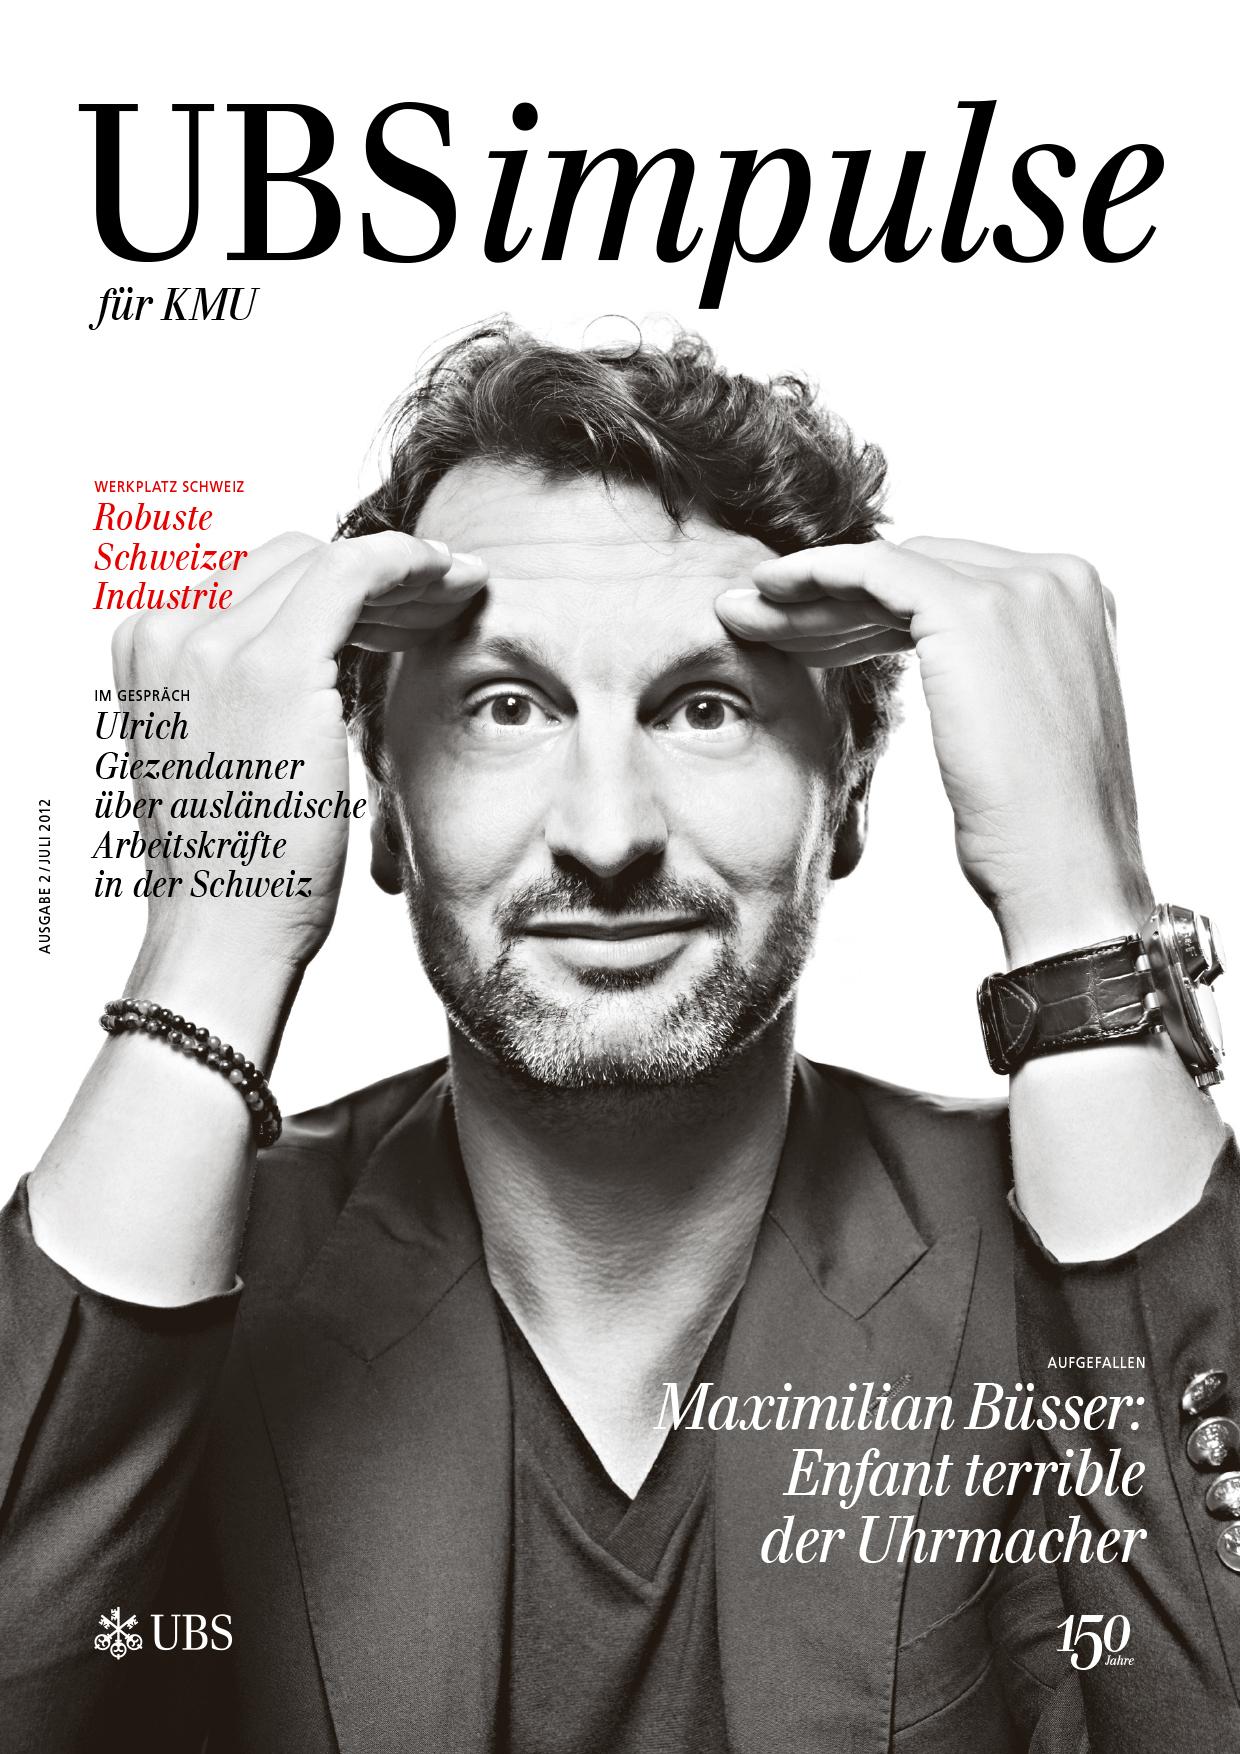 UBS-impulse_2012-02_de-1.jpg